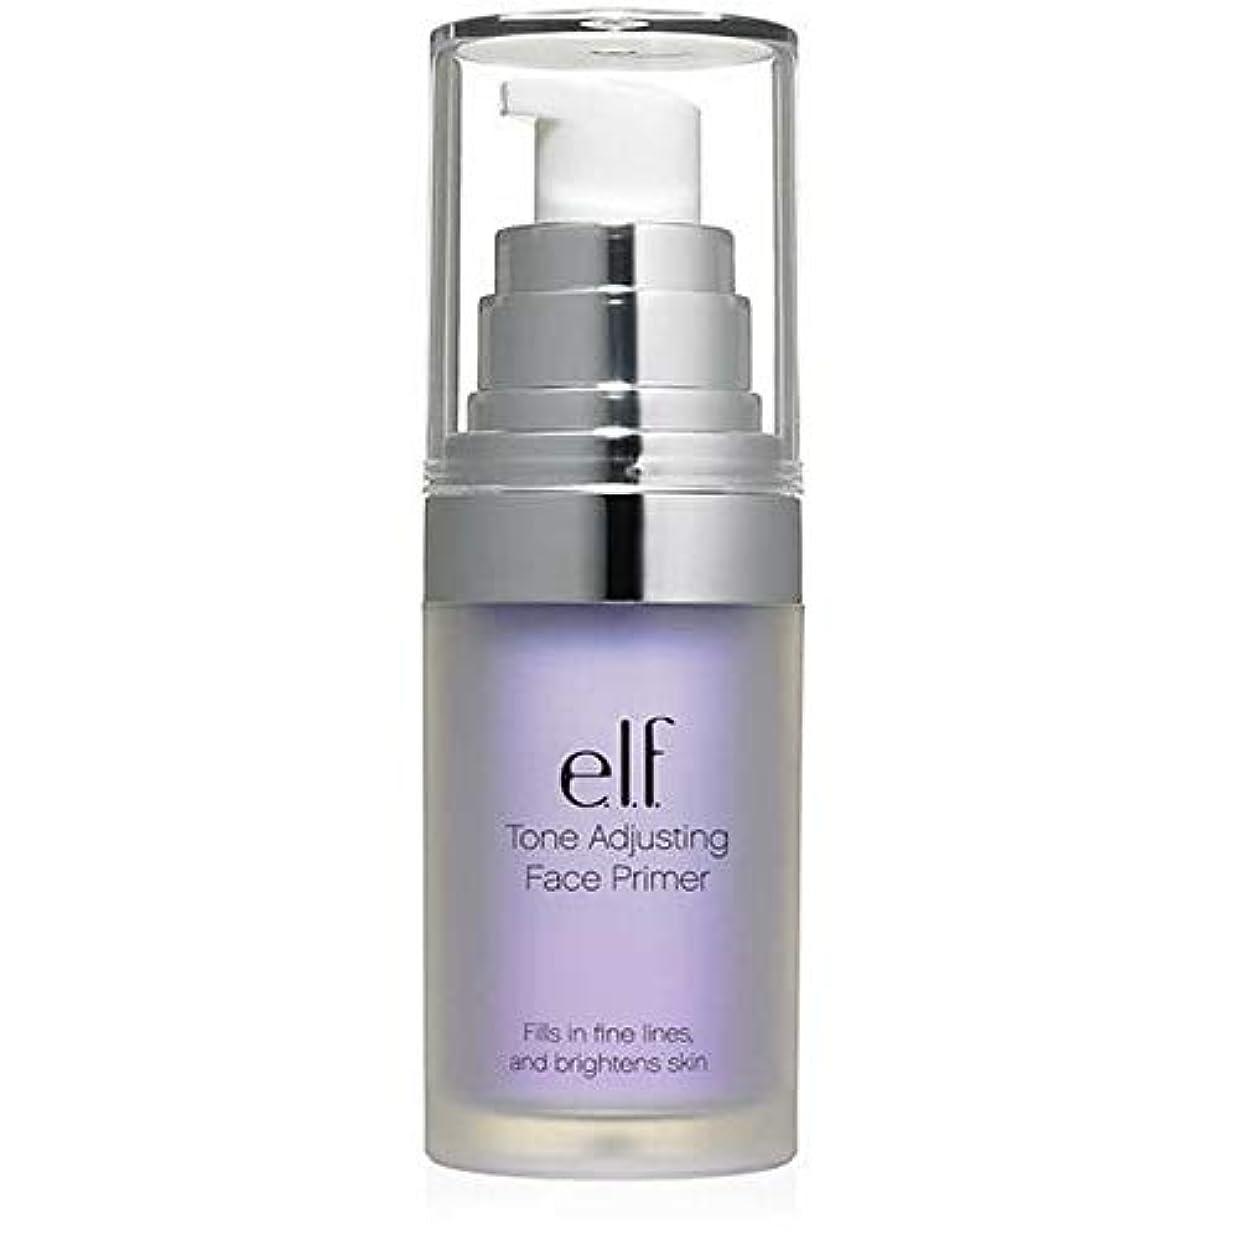 専門用語モック責任者[Elf ] エルフ。ラベンダー403を明るくトーン調整顔プライマー - e.l.f. Tone Adjusting Face Primer Brightening Lavender 403 [並行輸入品]